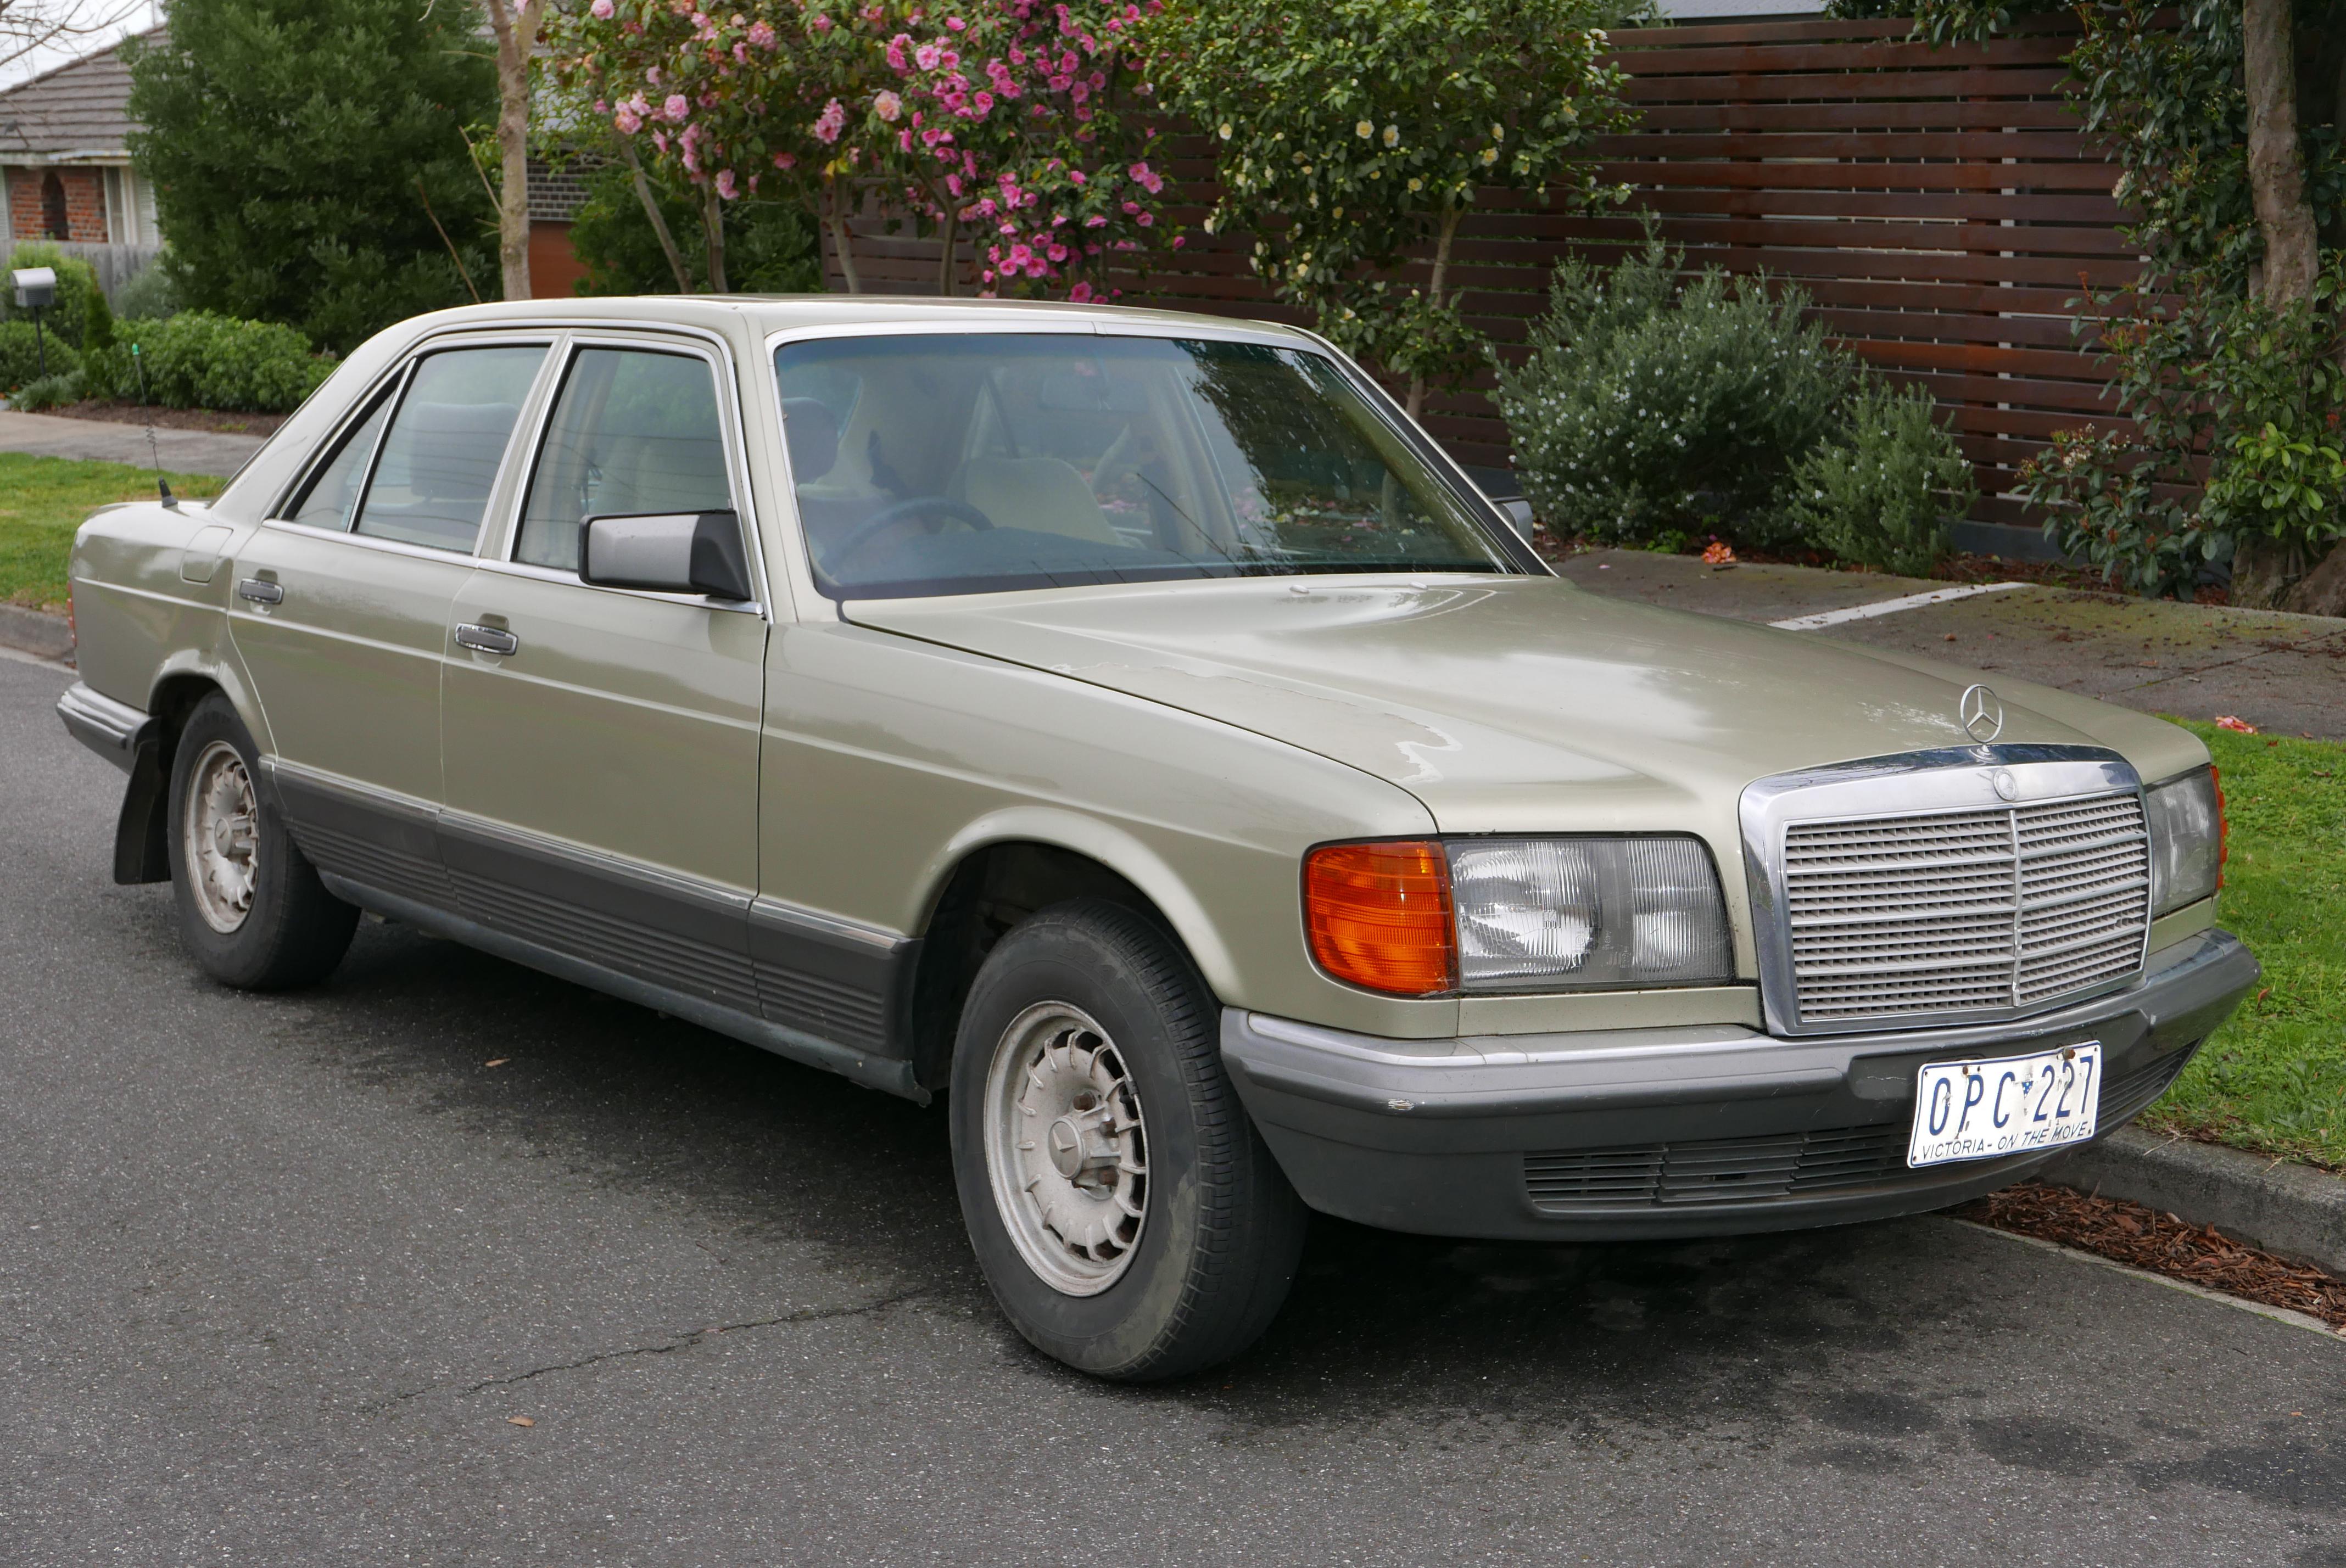 1984 mercedes-benz 380 se